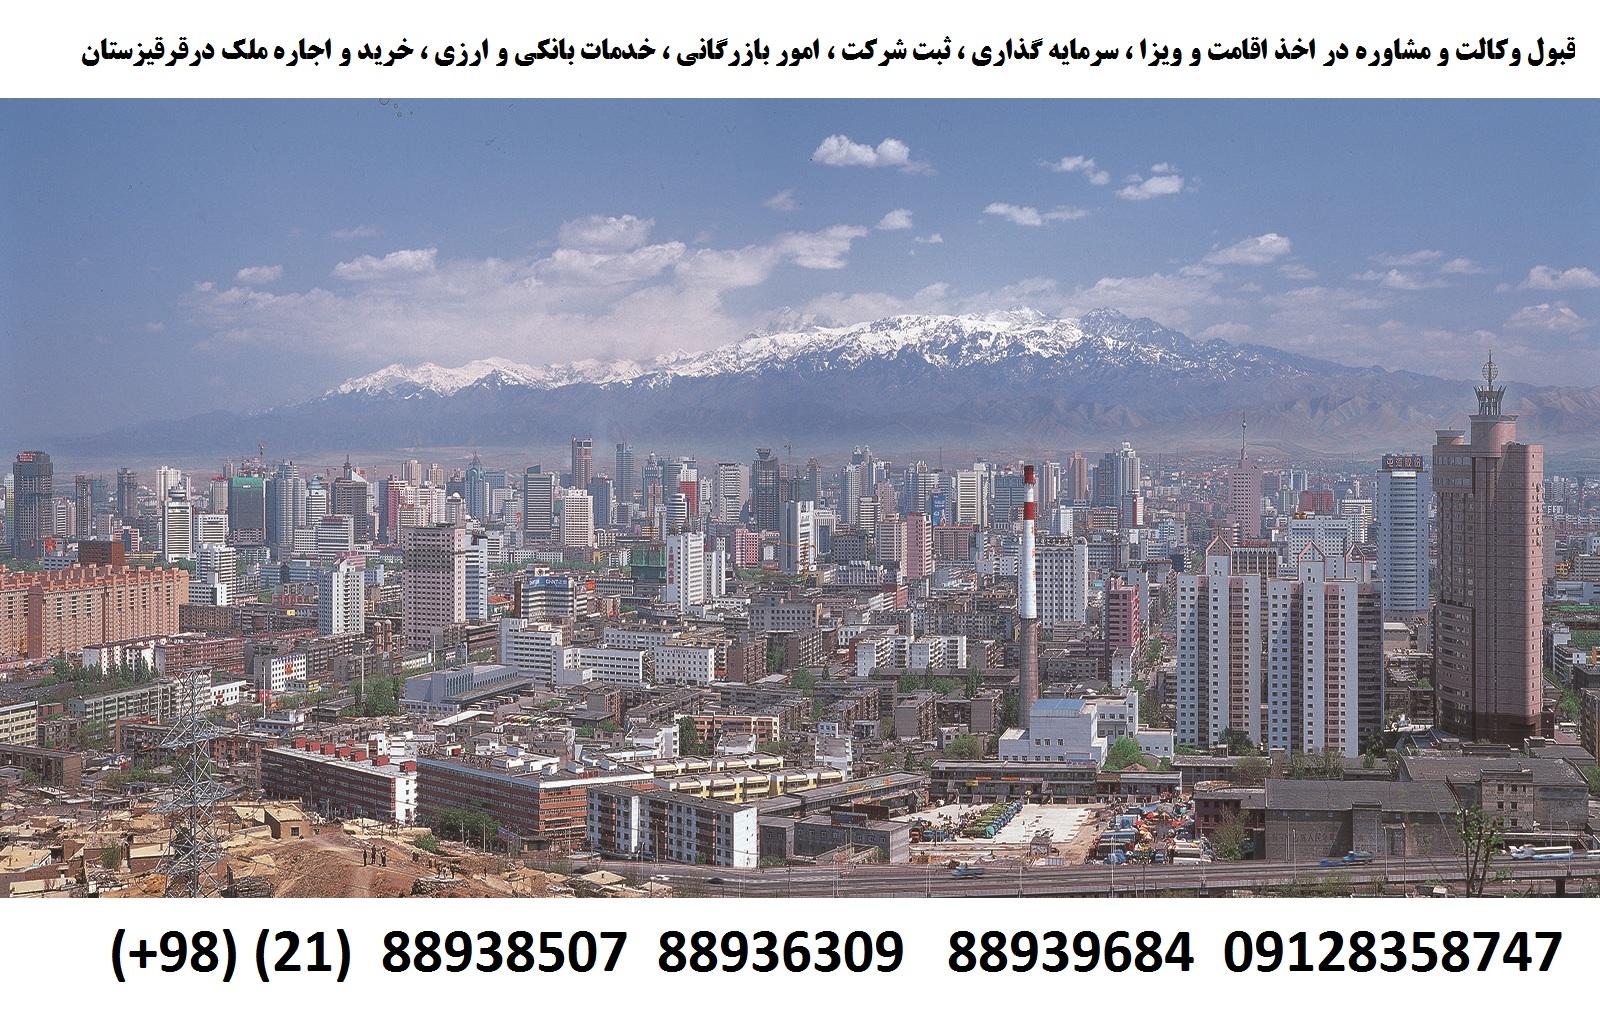 اقامت ، ویزا ، ثبت شرکت ، سرمایه گذاری در قرقیزستان (7)